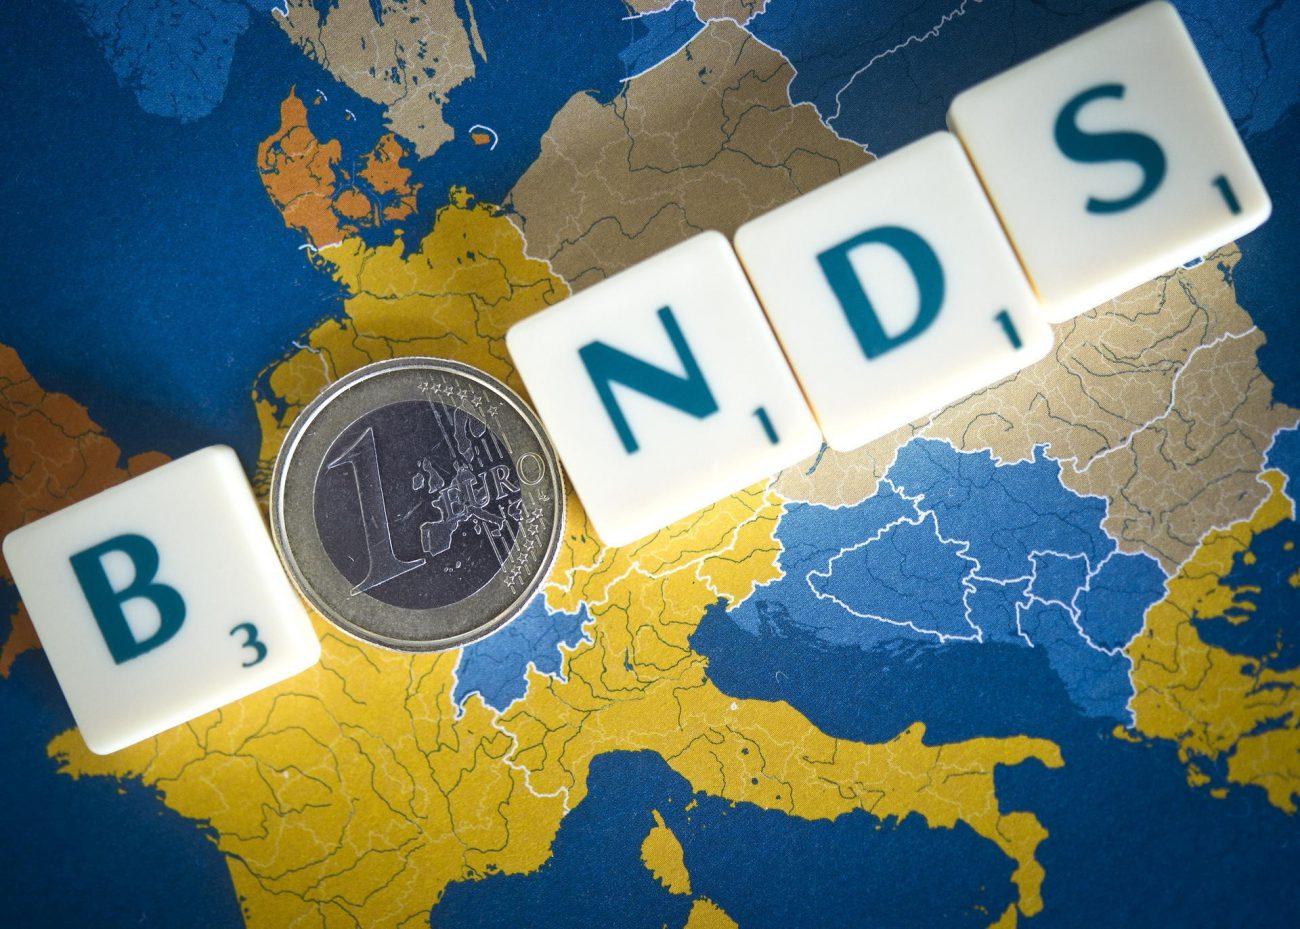 1474614099 e news.su 2 format2403 1 - Минфин РФ выпускает новые евробонды